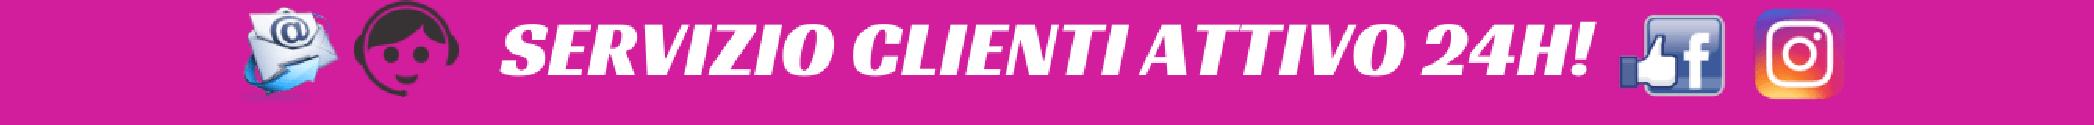 stringa-servizio-clienti-sito